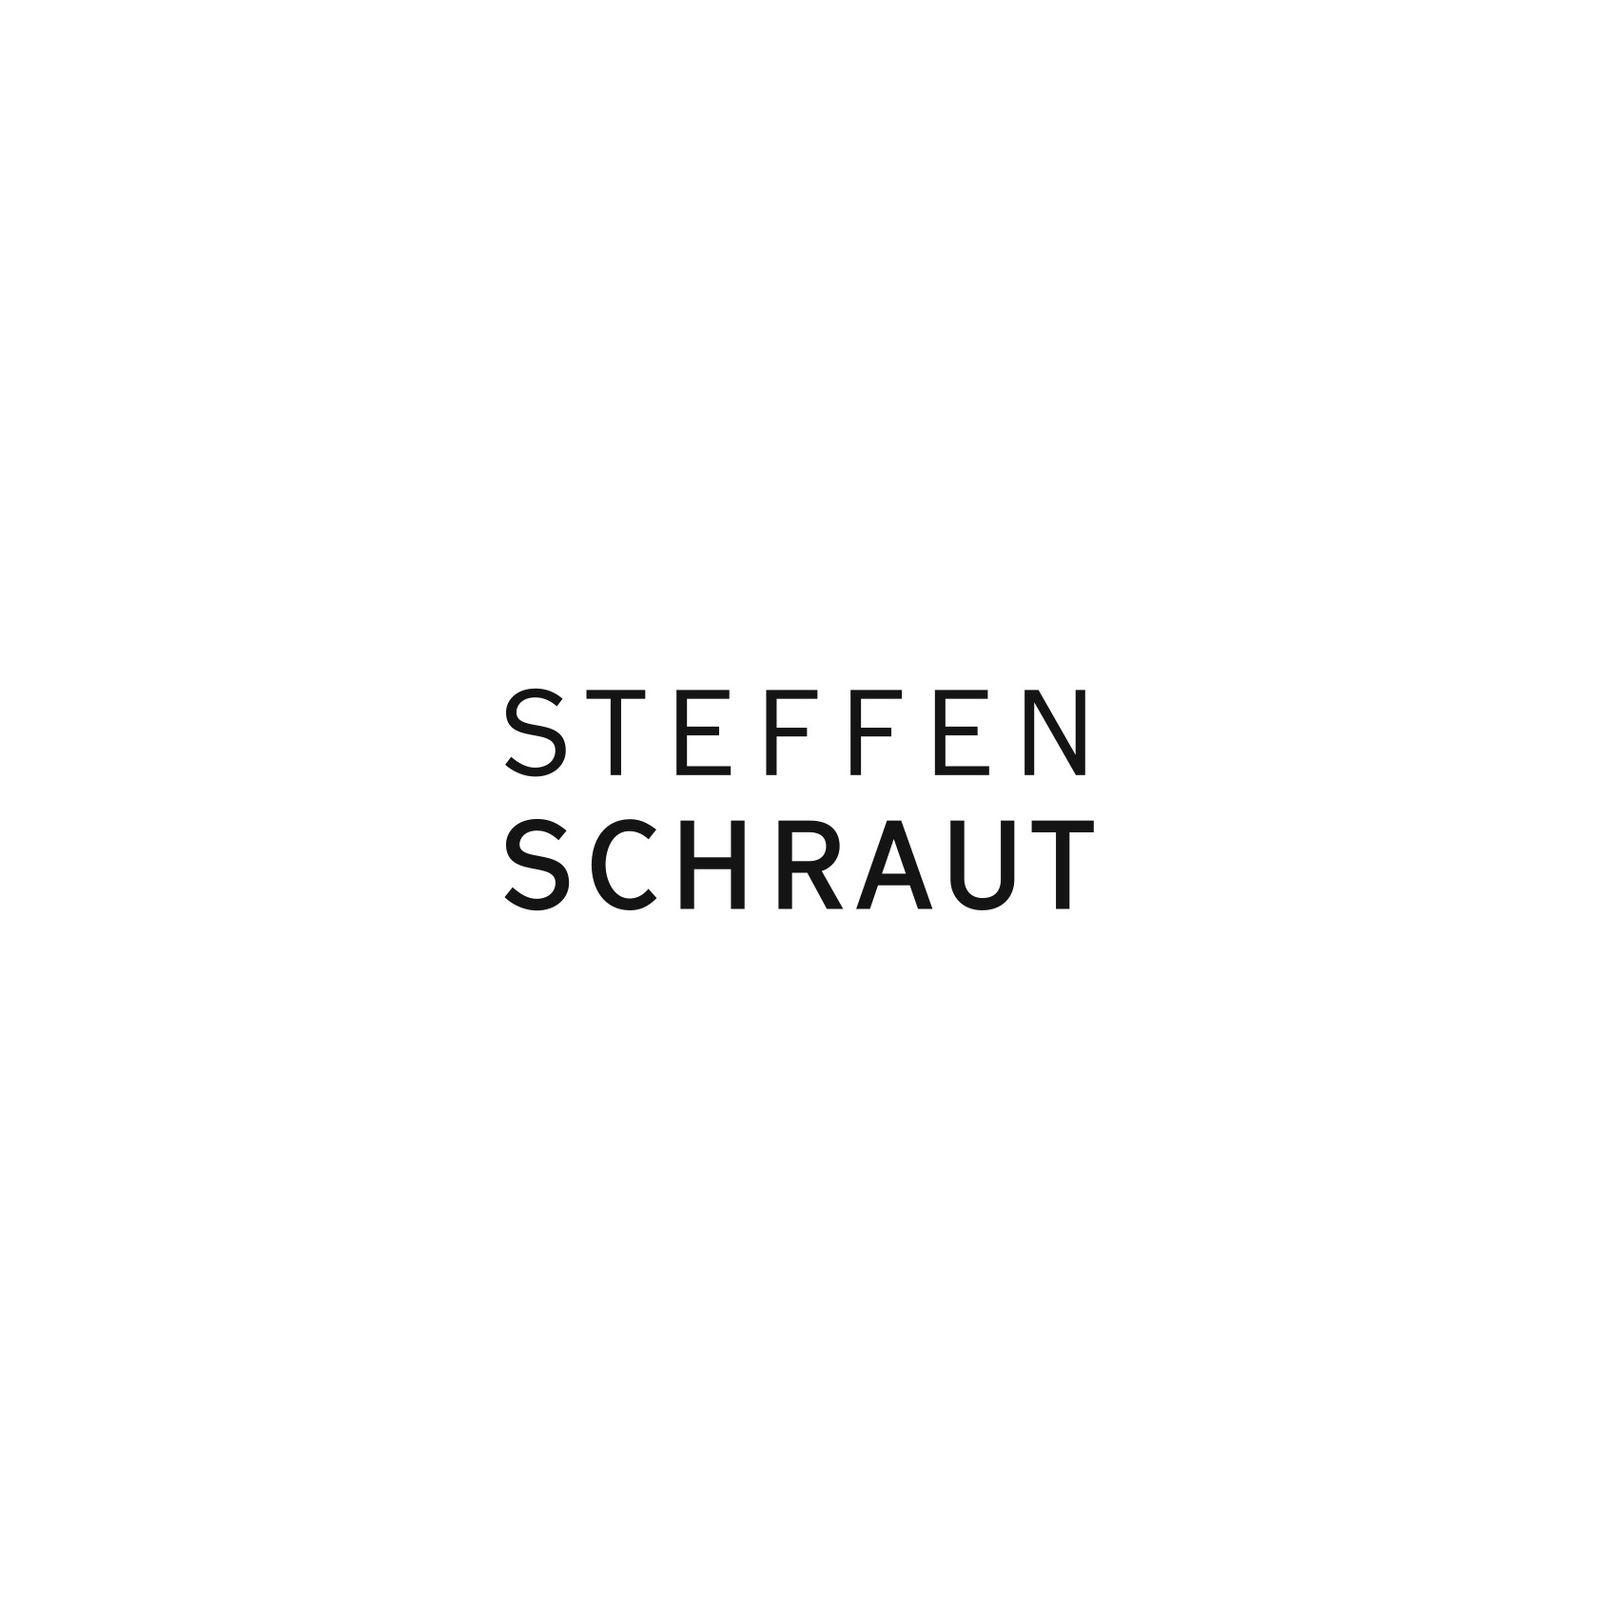 STEFFEN SCHRAUT